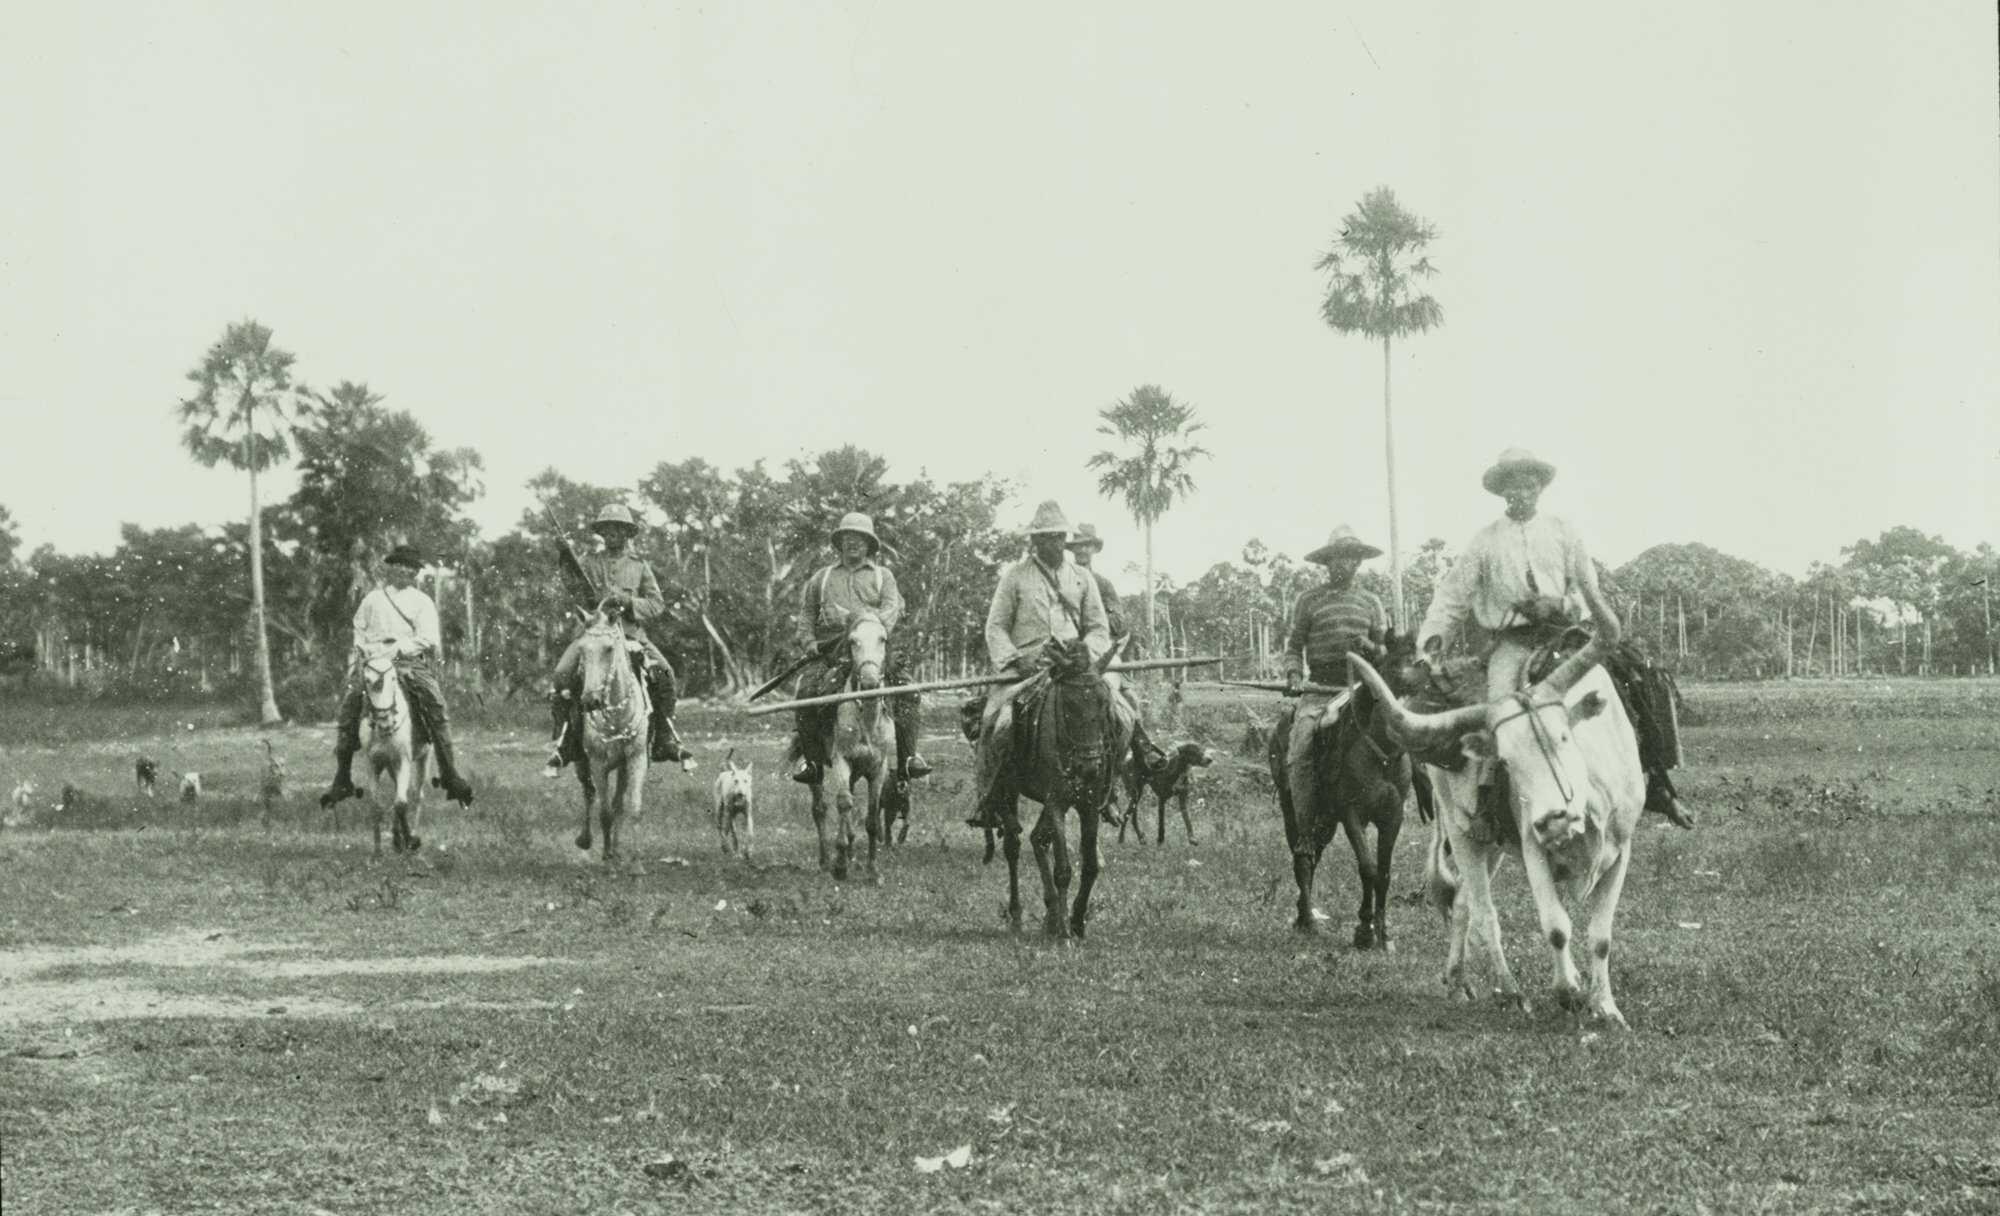 Amazon-Diary-2-horses-ROD_10369_AS_M_V2_LOC.jpg